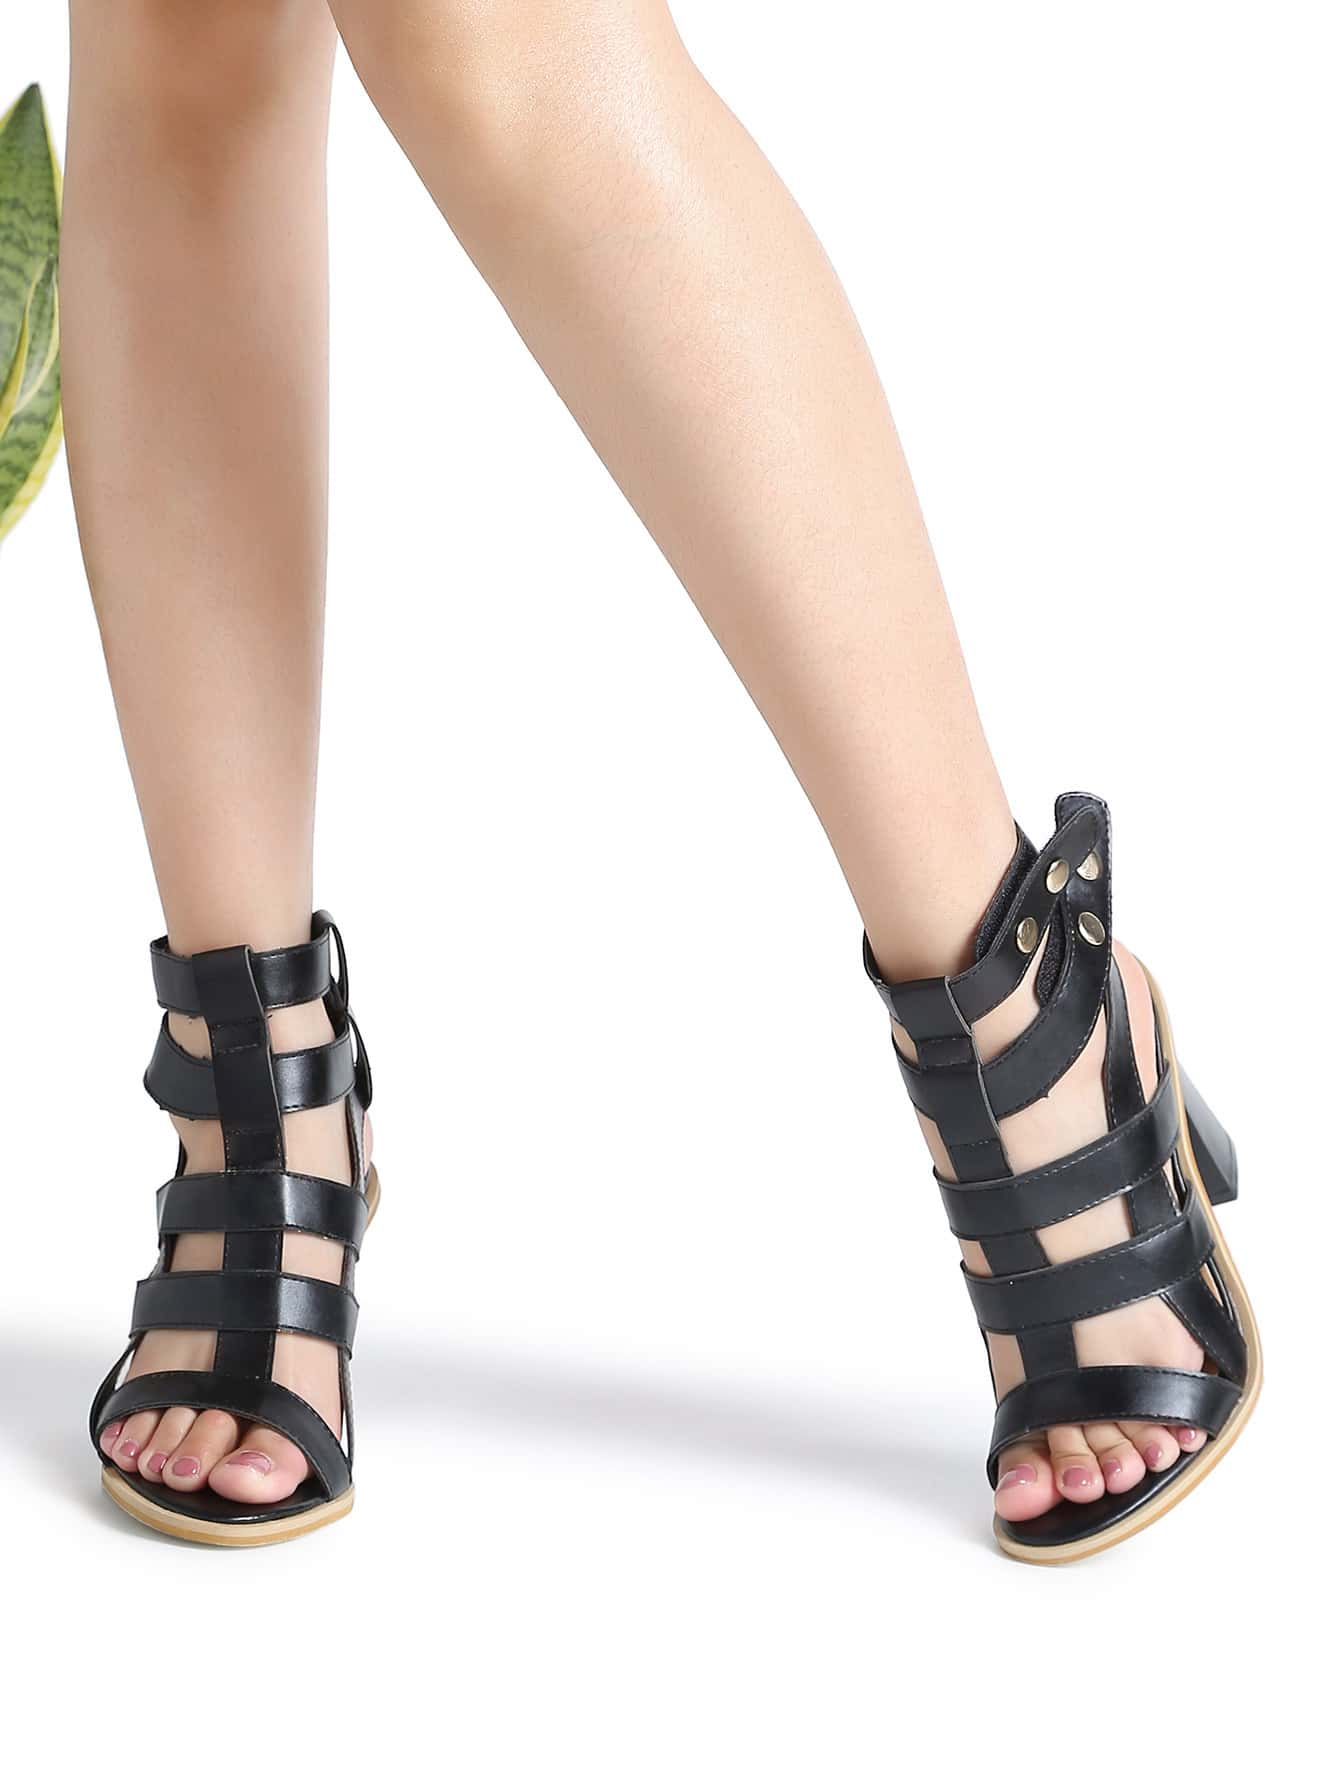 shoes170227802_2